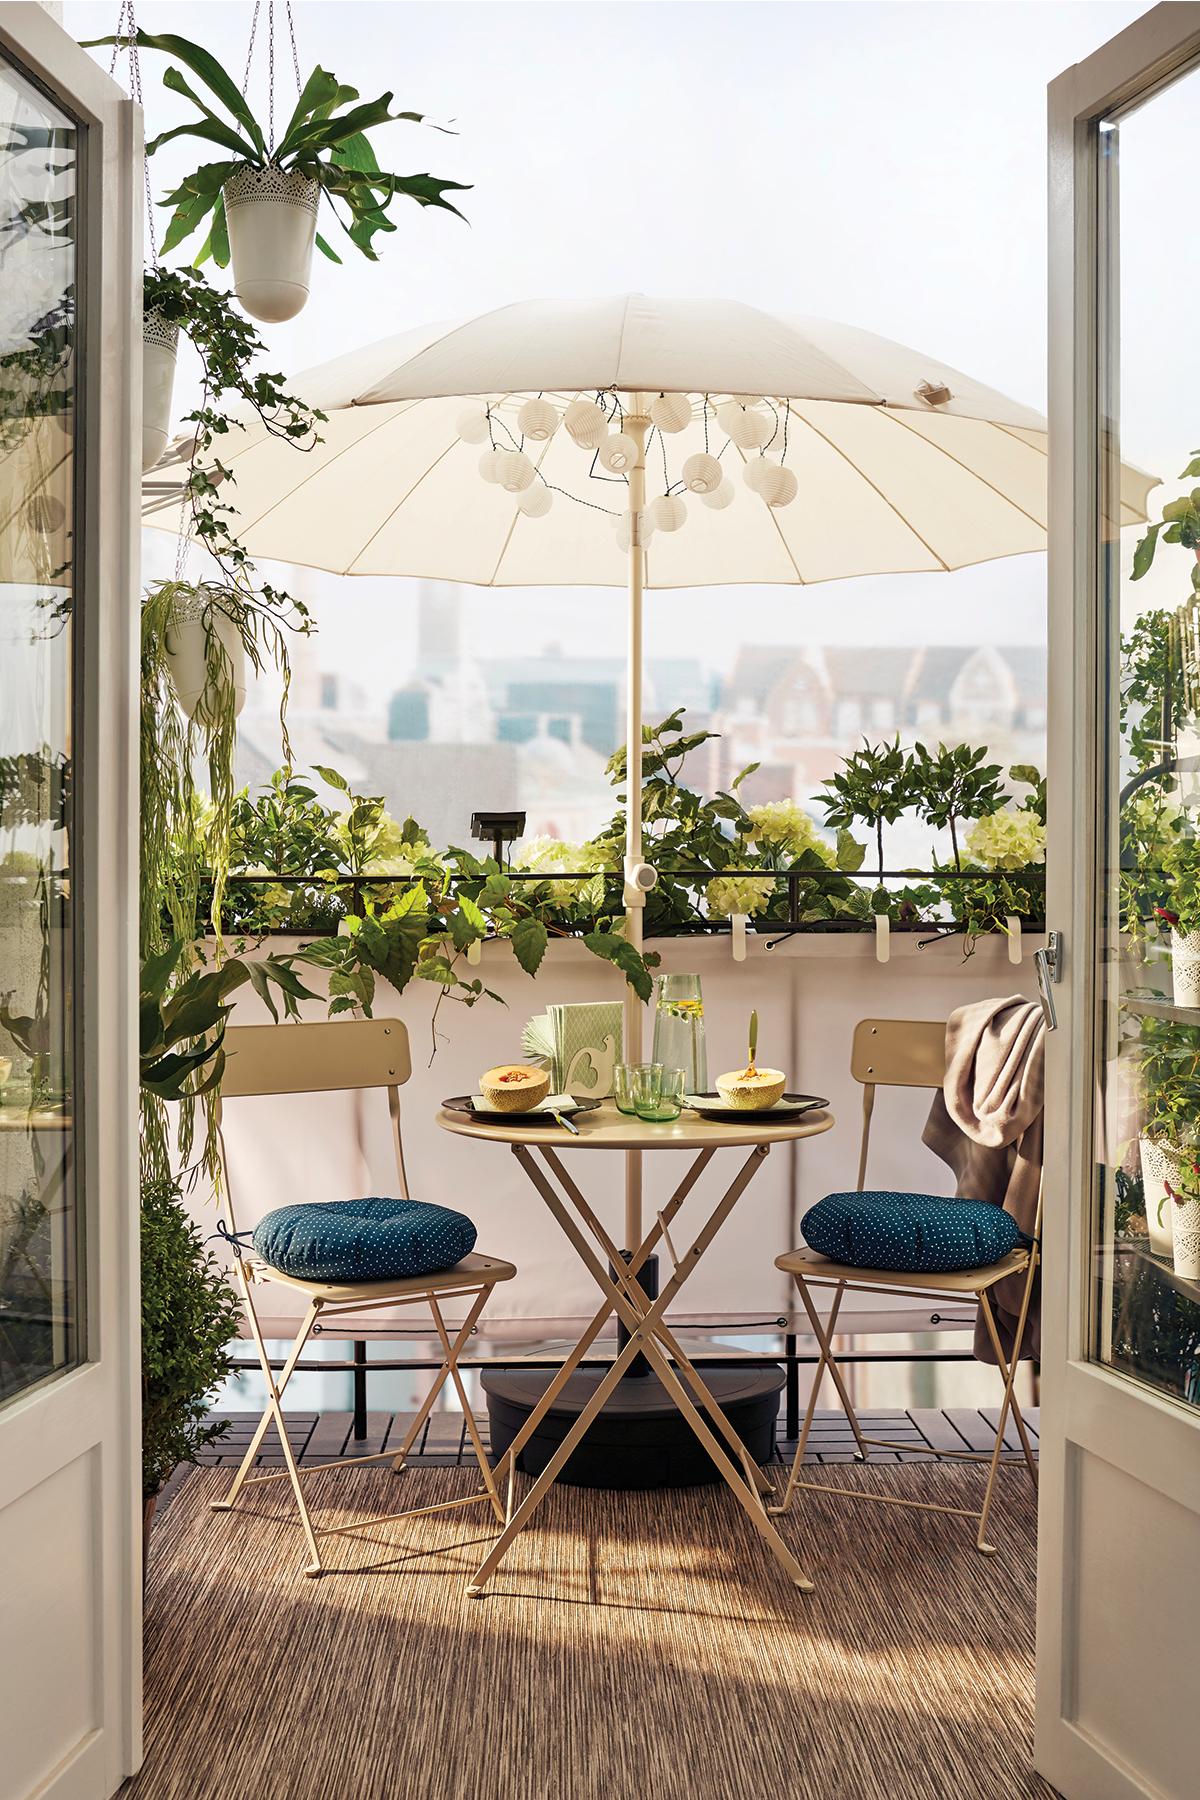 Elégance et simplicité pour petits balcons